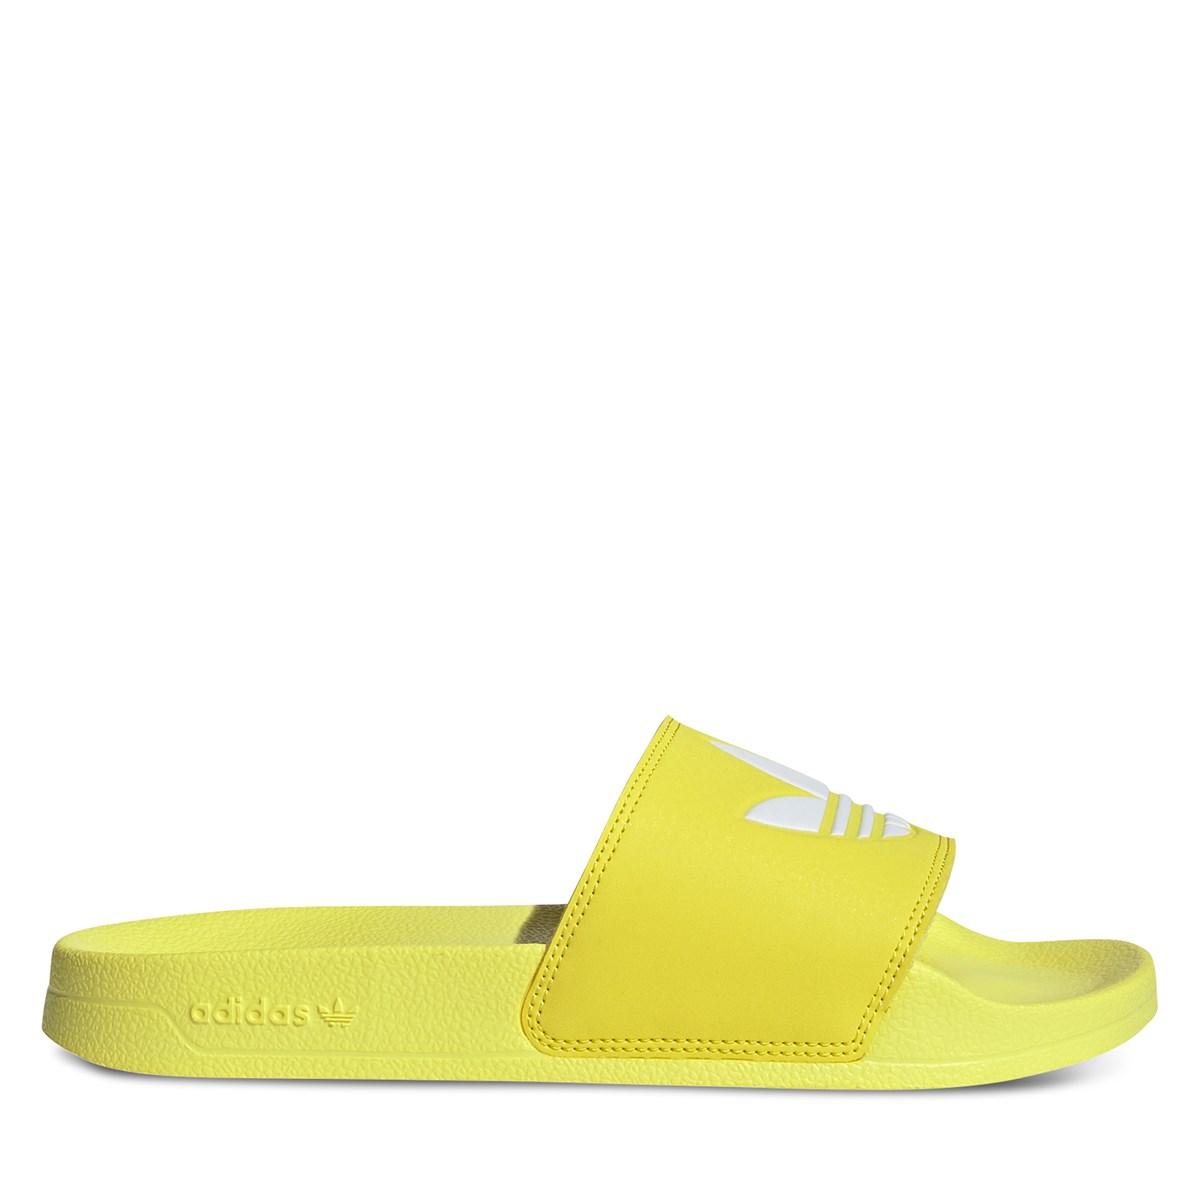 Sandales Adilette jaunes pour femmes